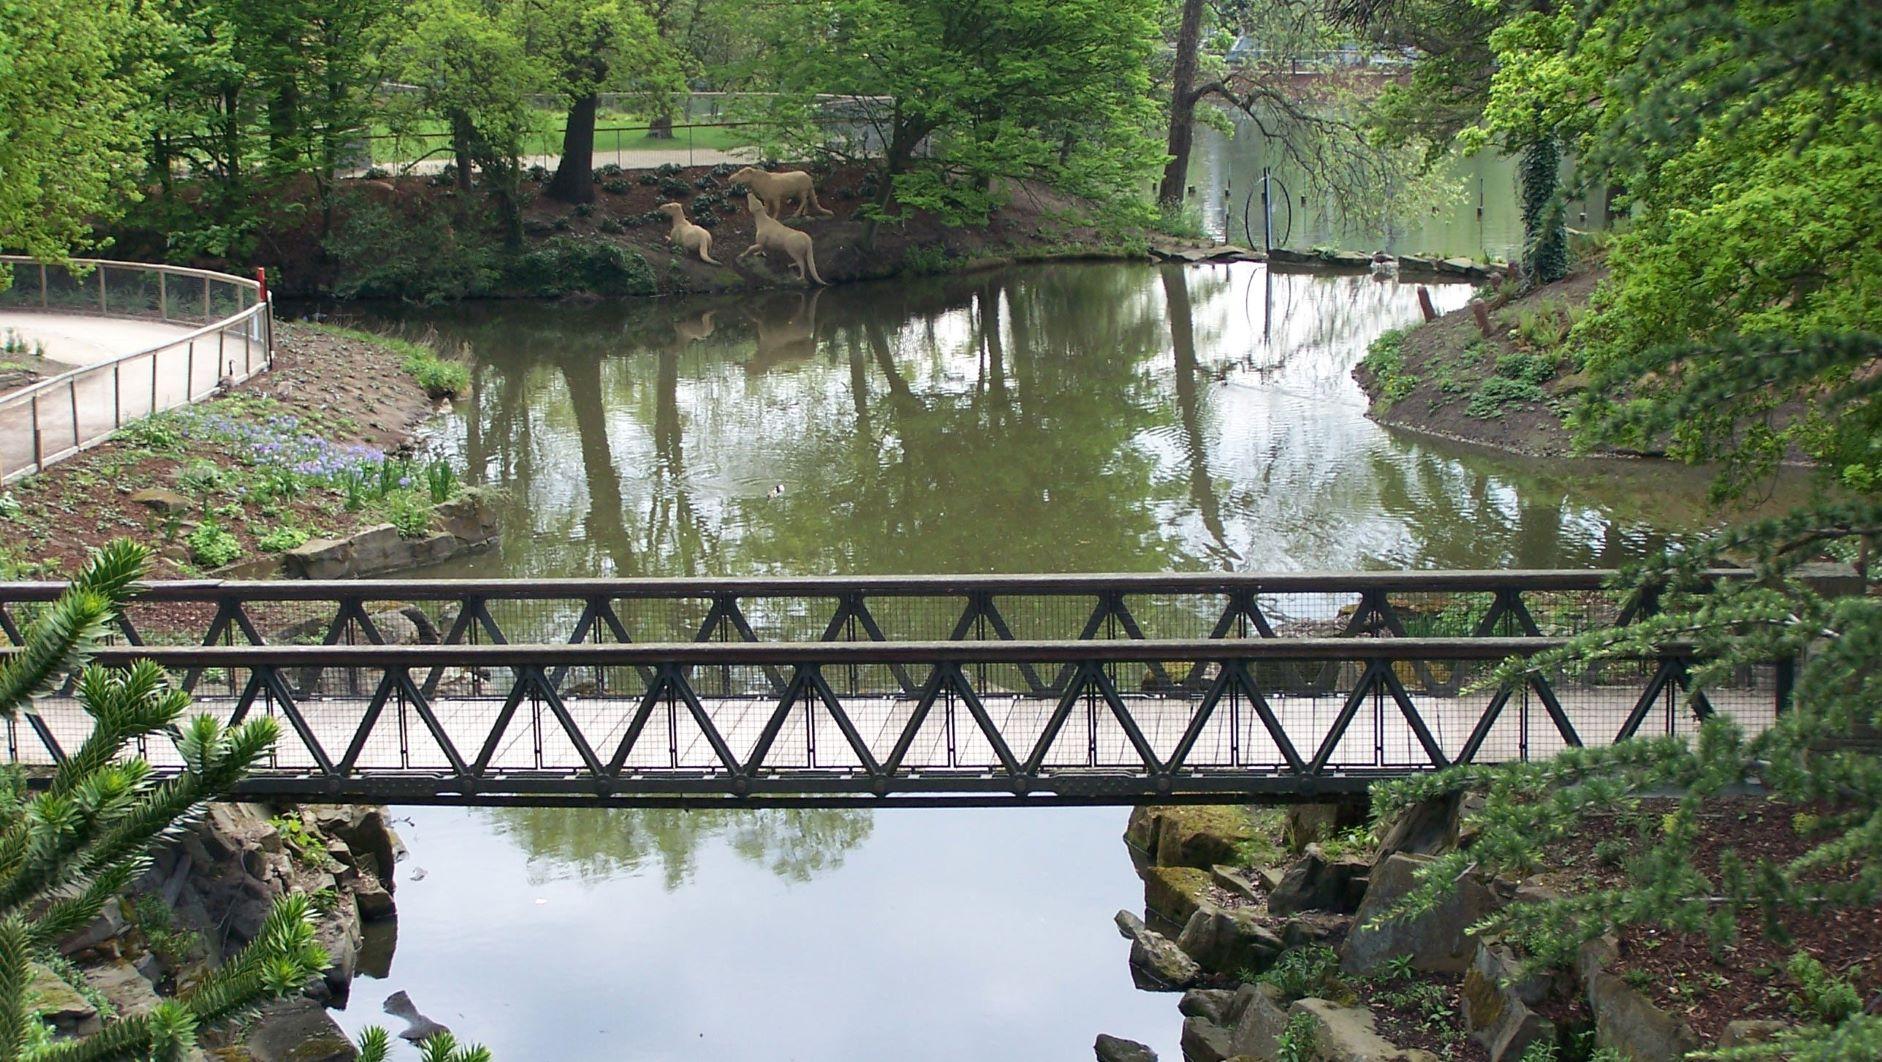 Pubic footbridge